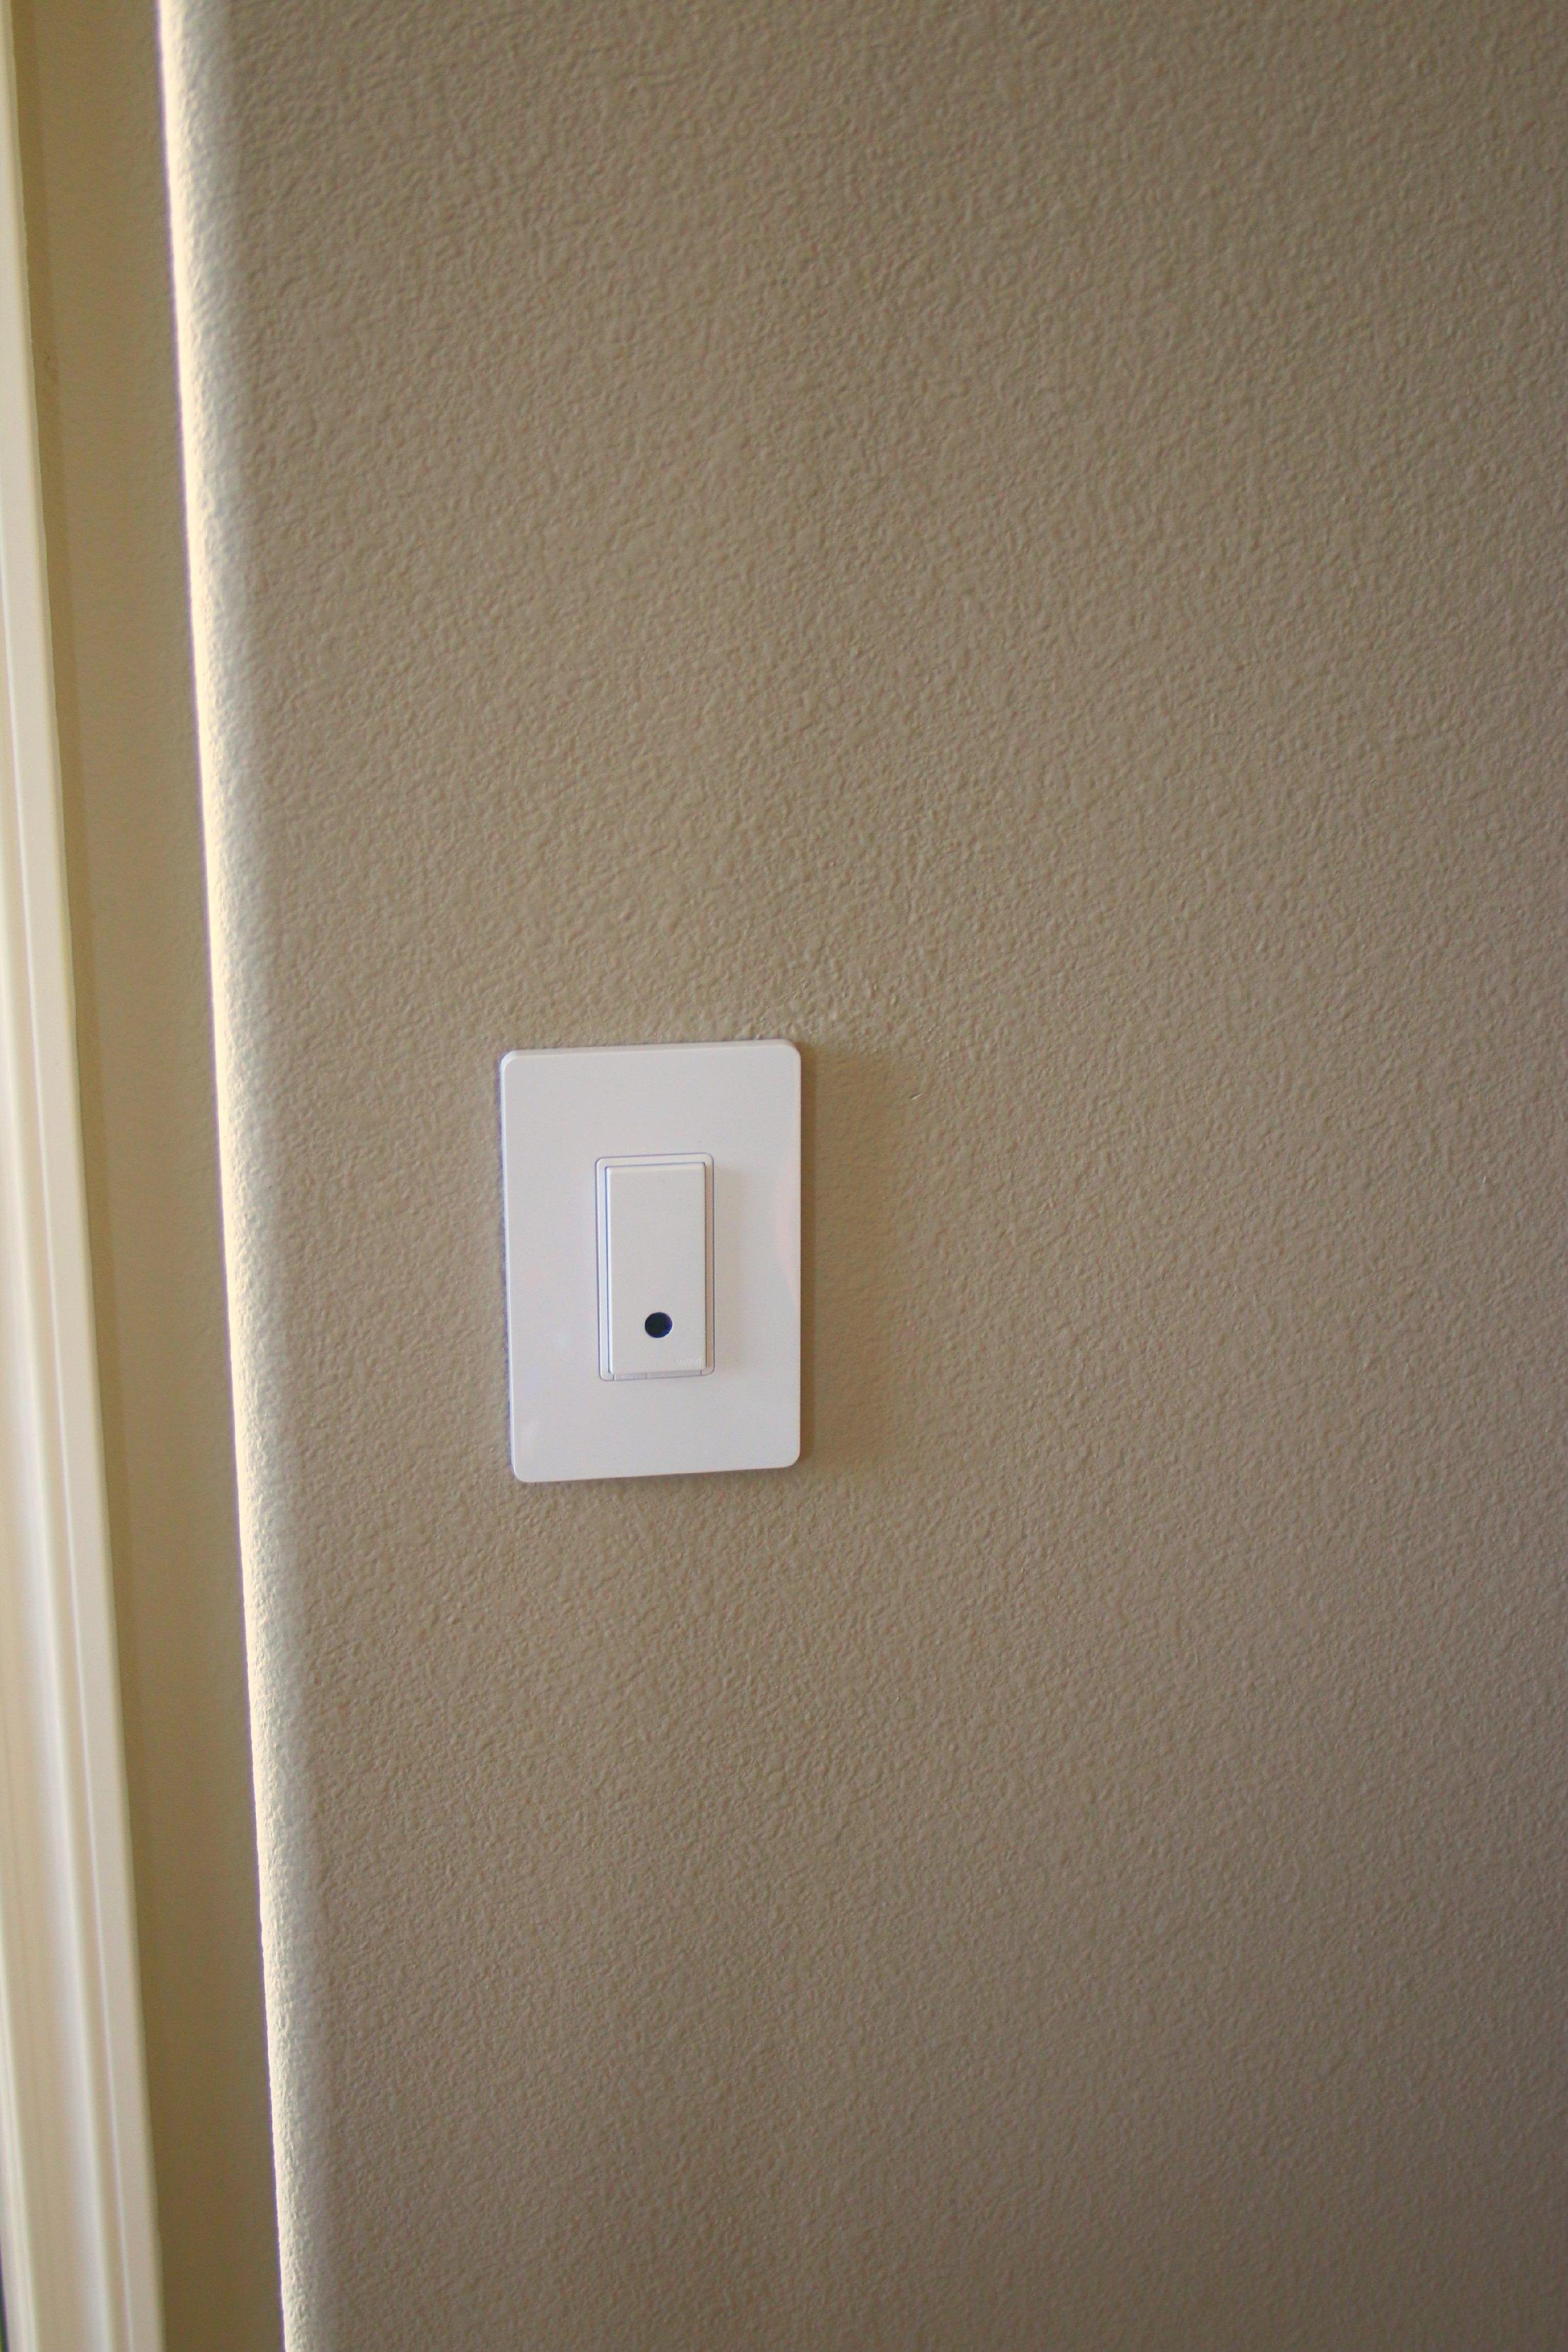 belkin smart home